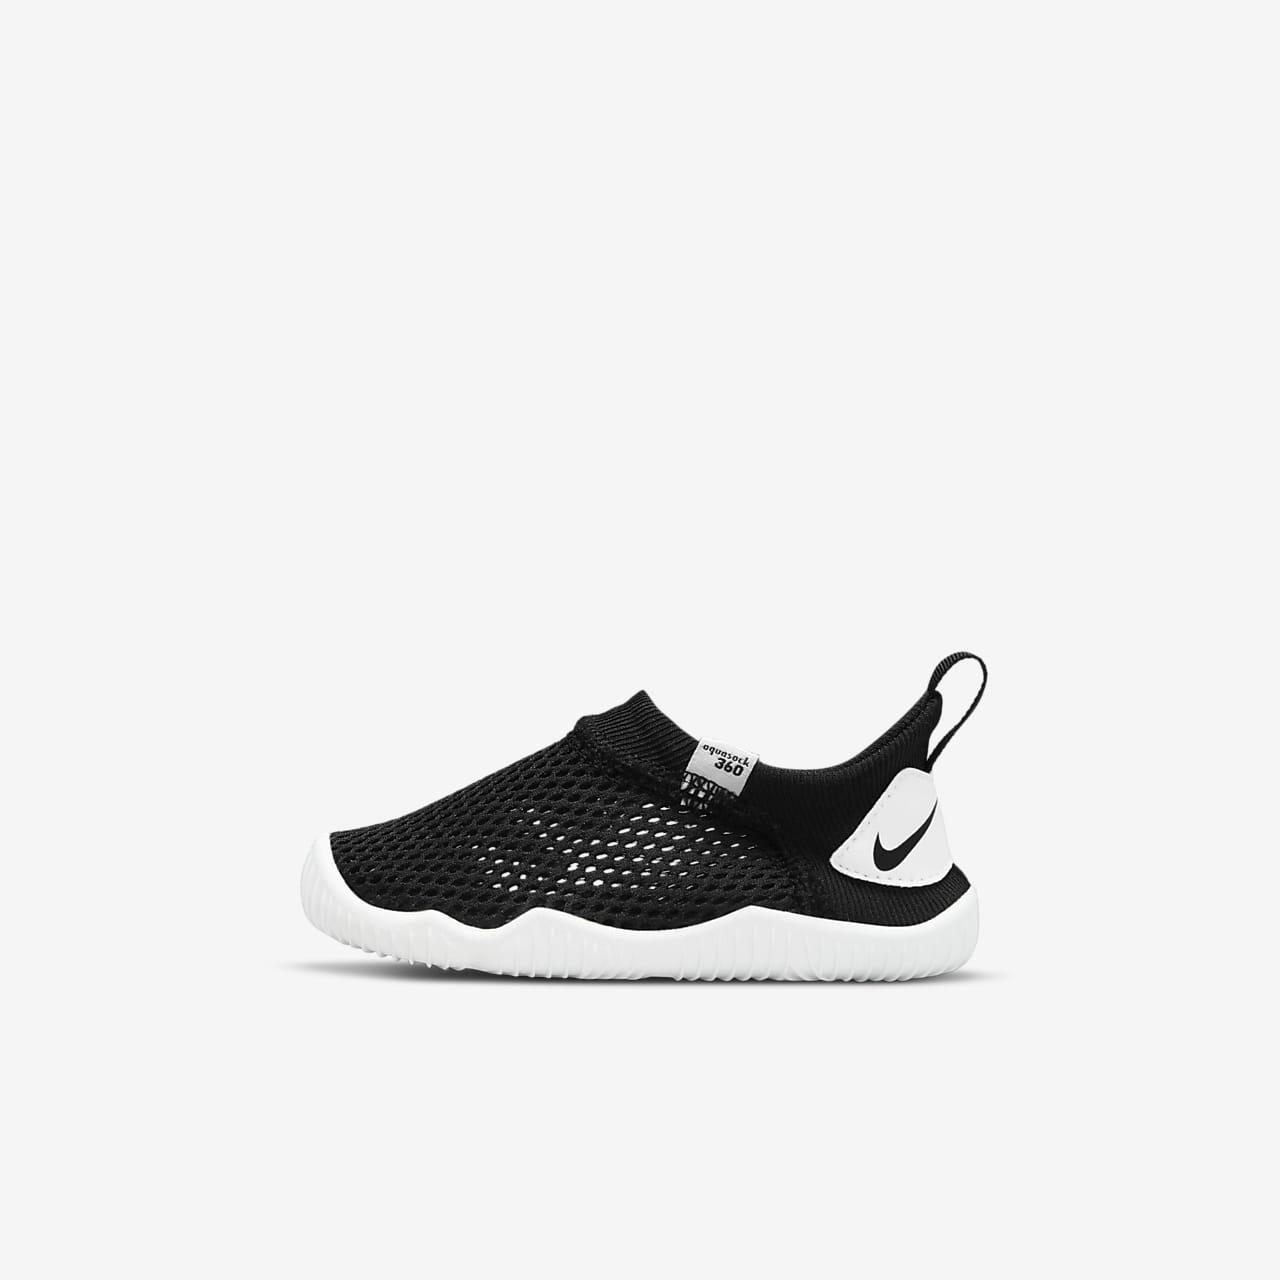 Infanttoddler Shoe Aqua 360 Sock Nike wxHqFzp